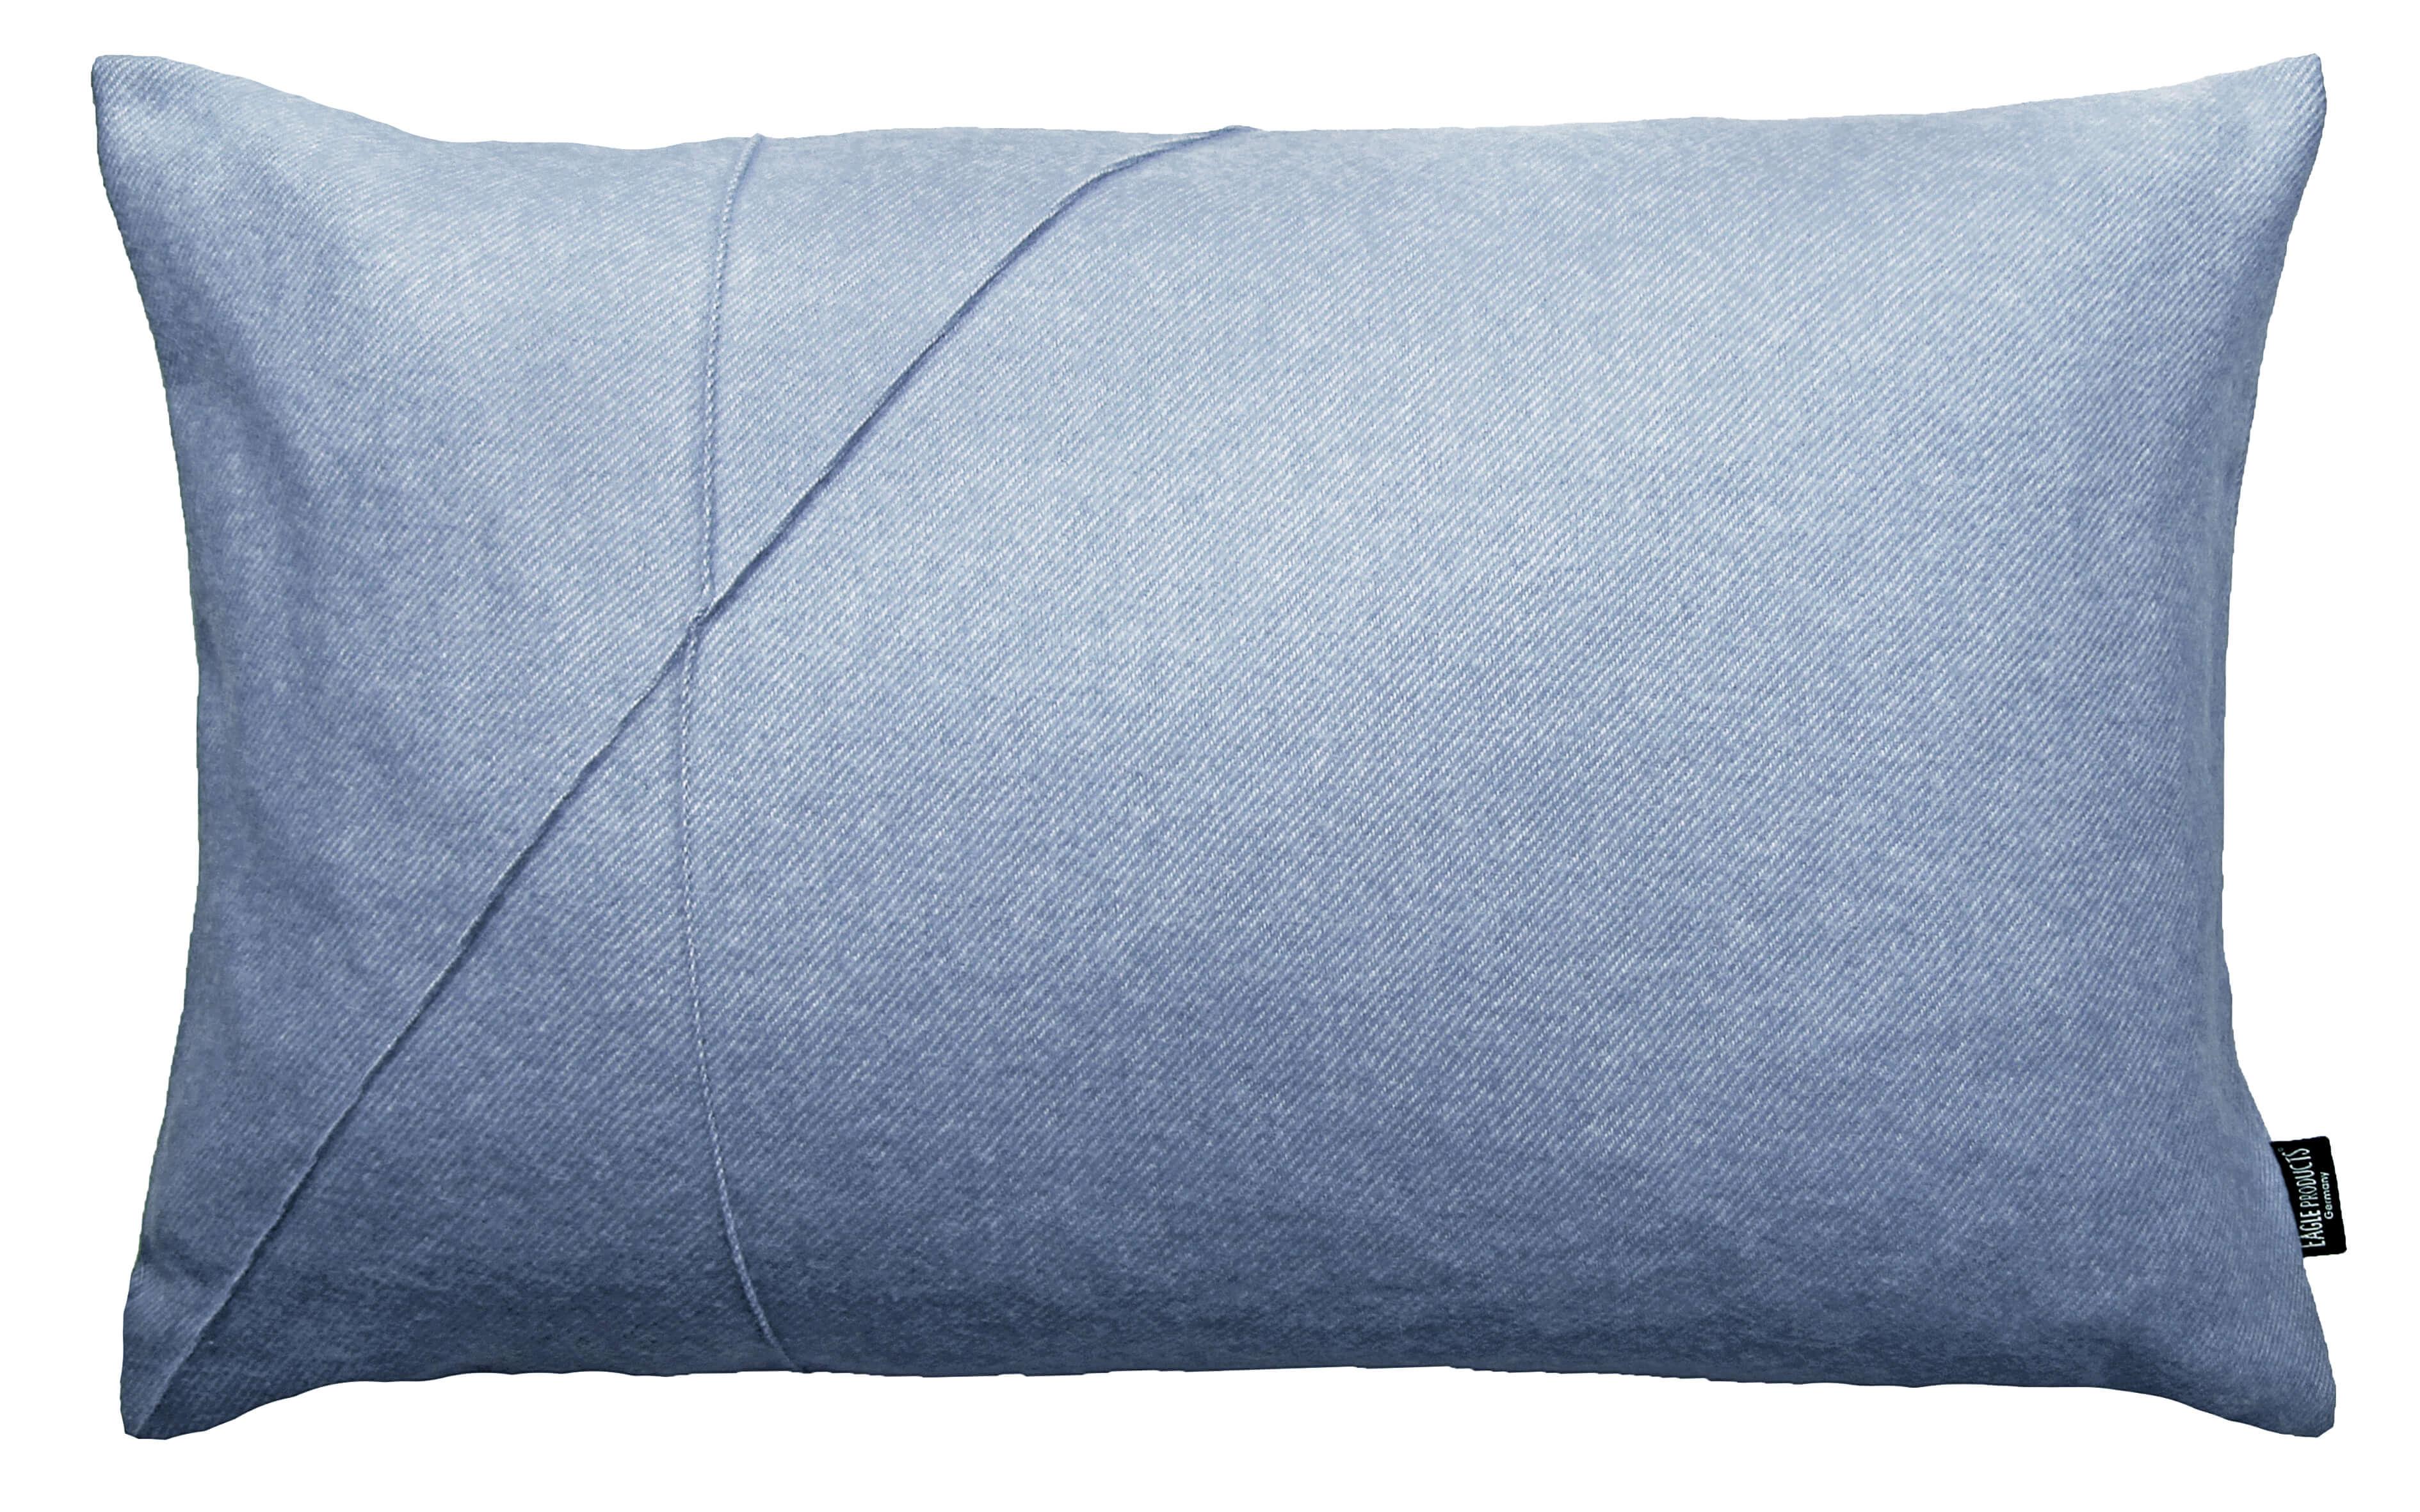 Bild von Lines-M196, Variante jeans